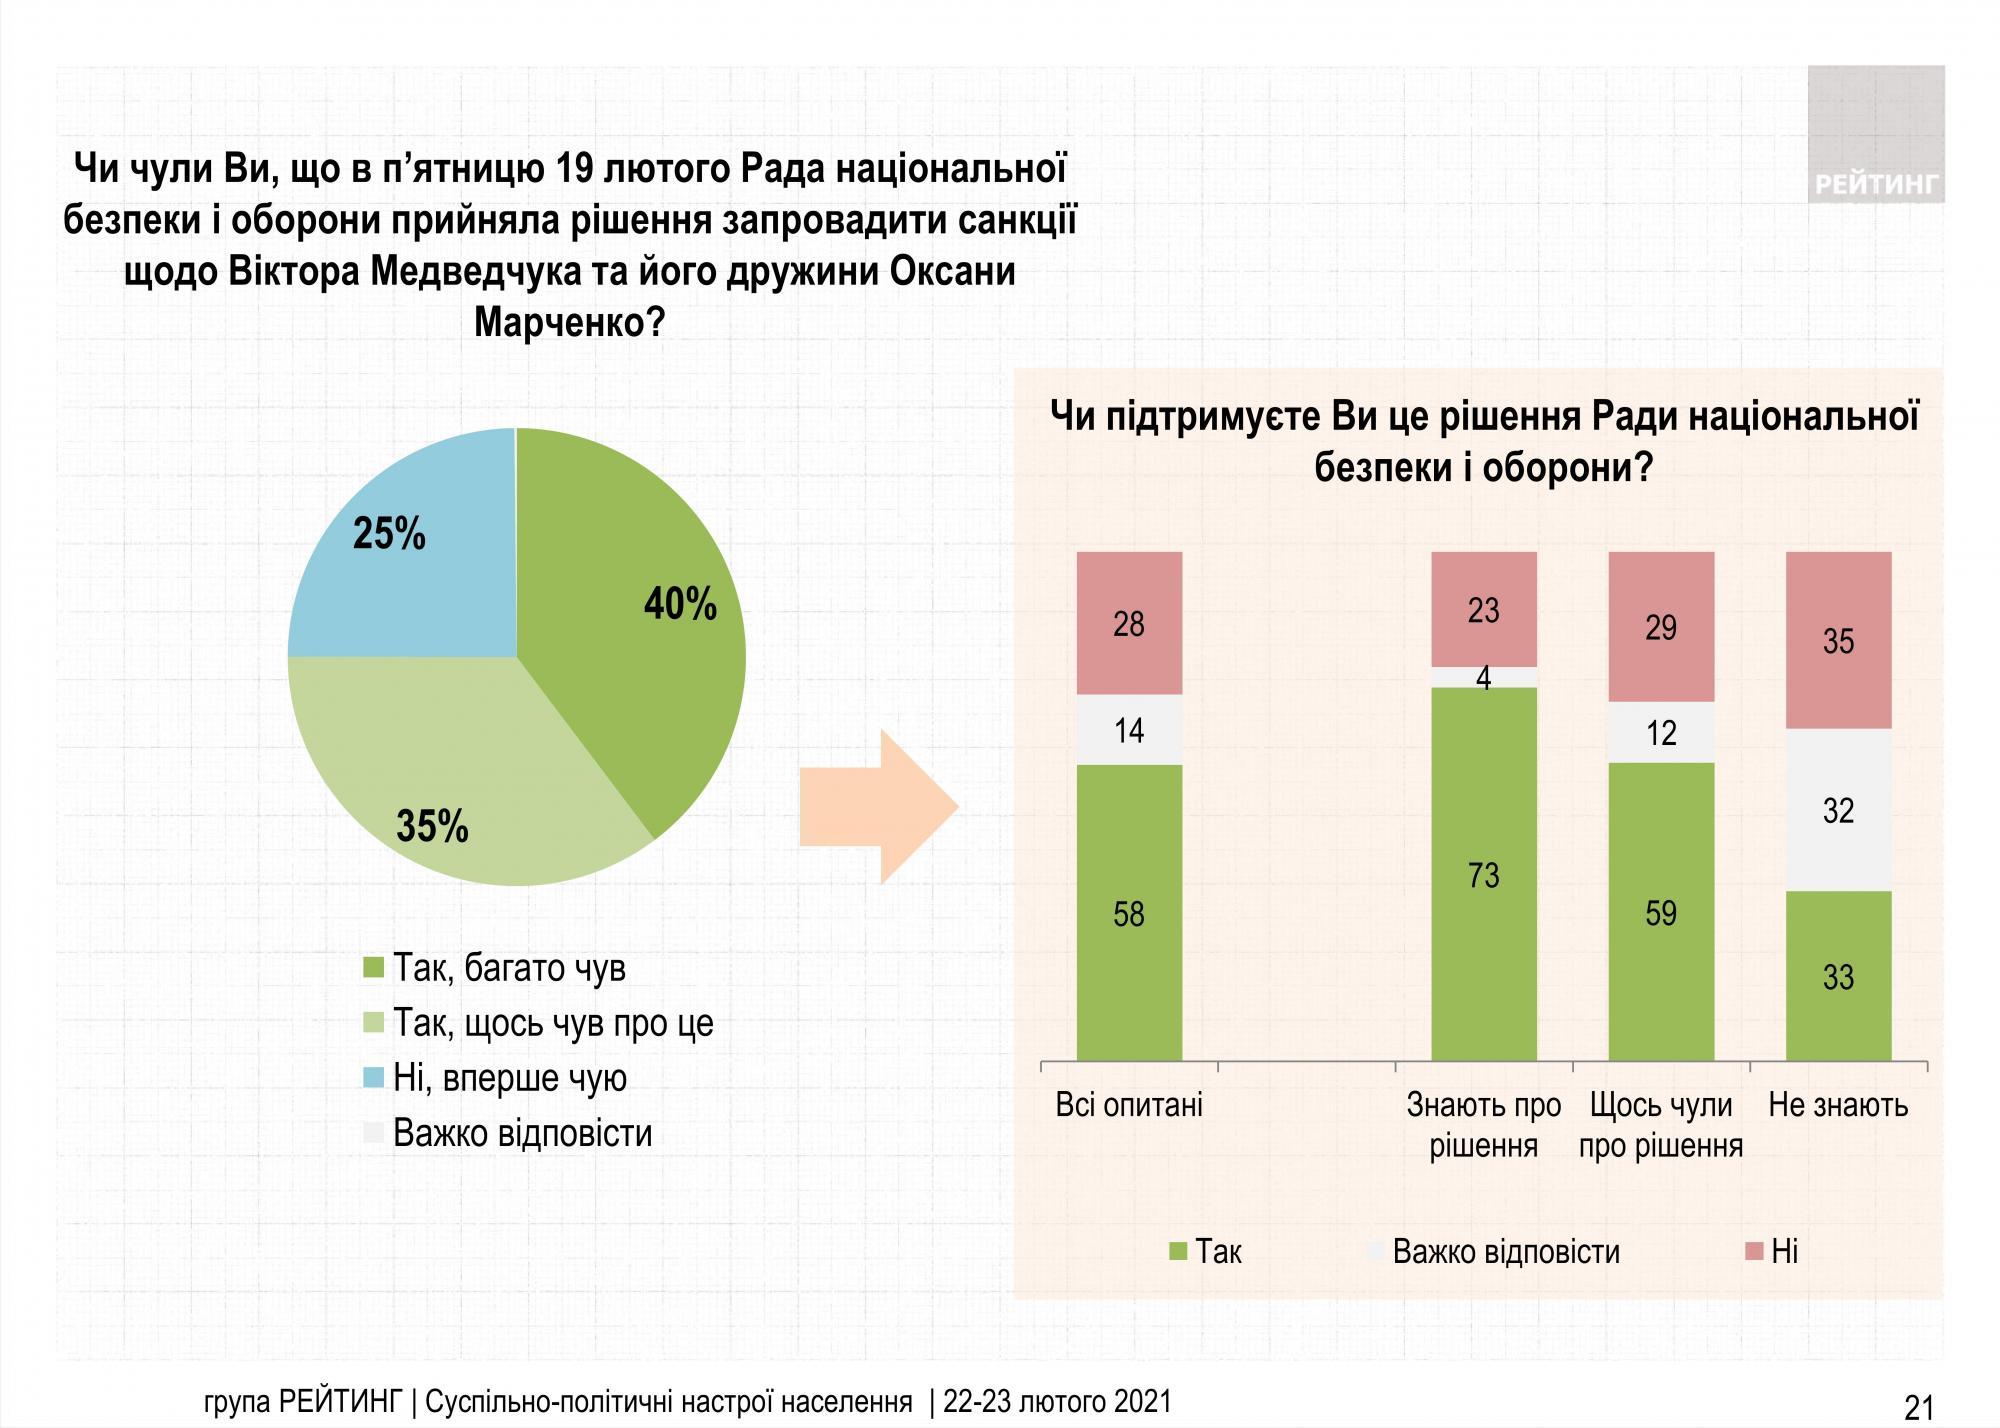 Санкции против Медведчука одобряют большинство украинцев